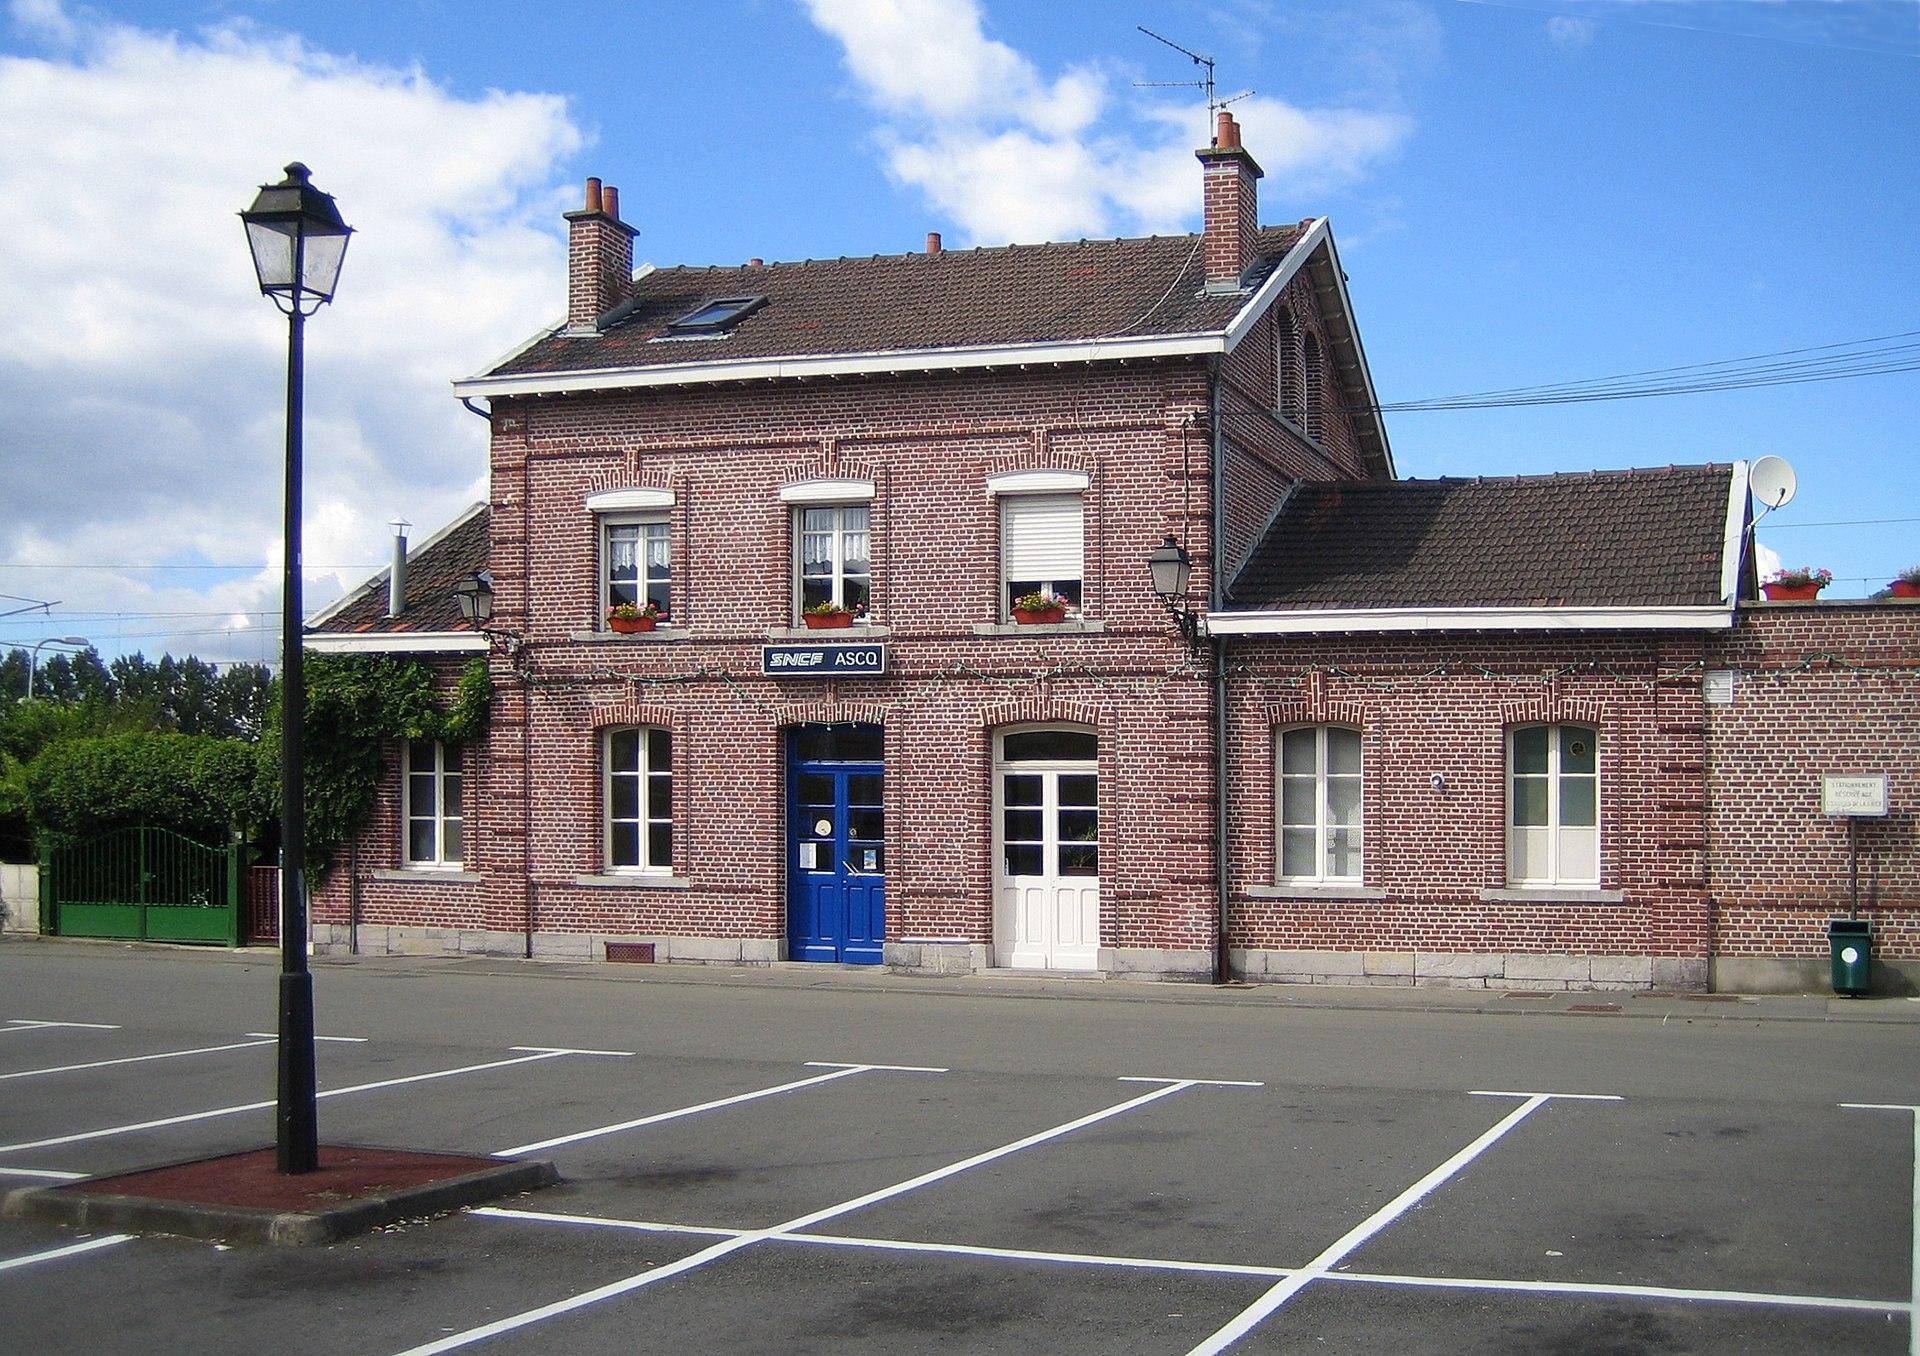 Gare d 39 ascq wikipedia for Garage midas villeneuve d ascq